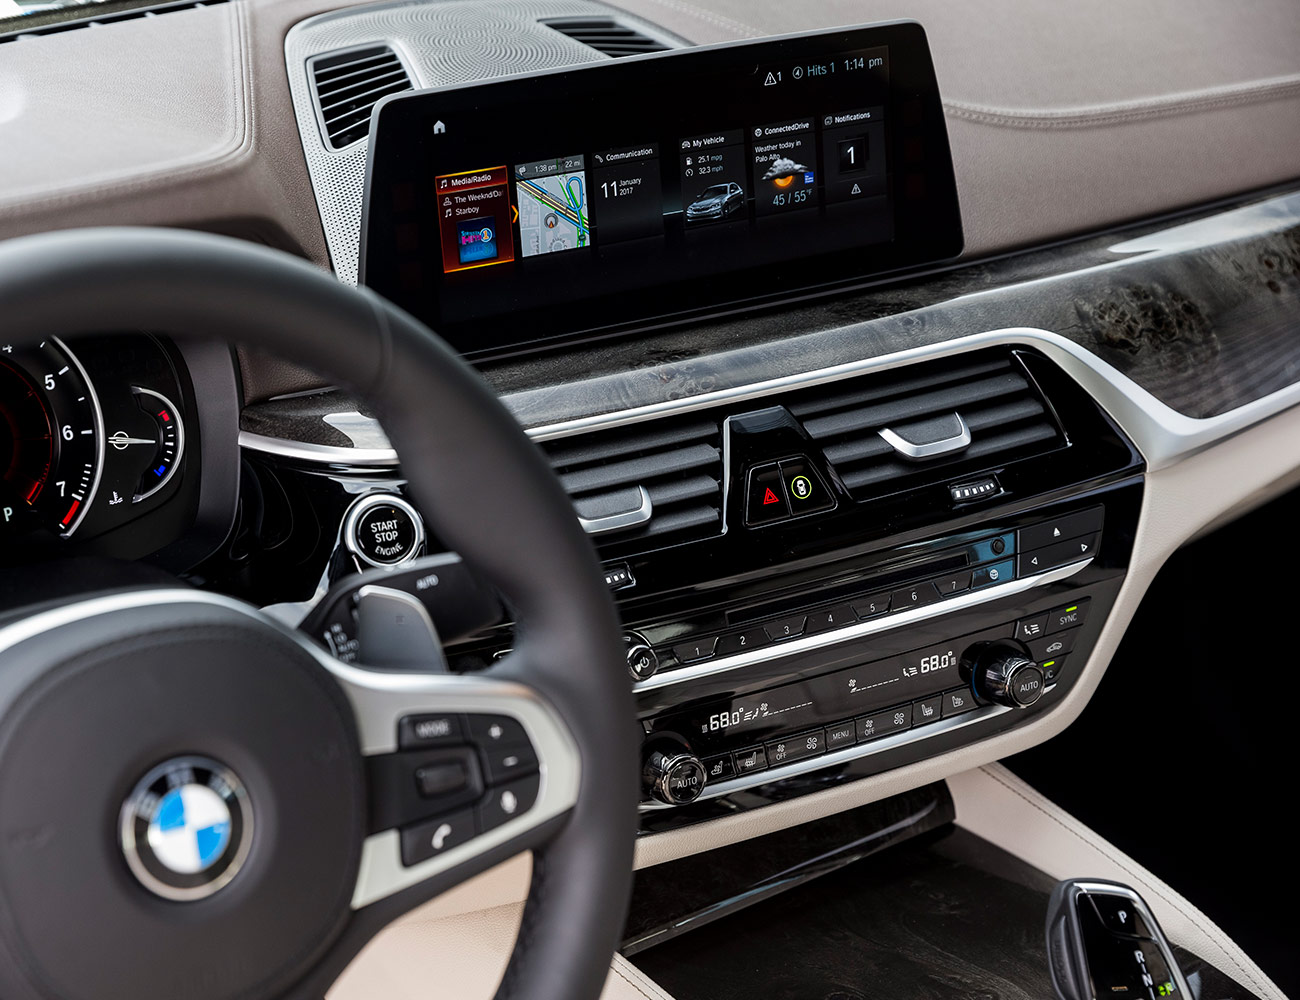 7 hệ thống thông tin giải trí tốt nhất trên xe cao cấp giamcanlamdep.com.vn